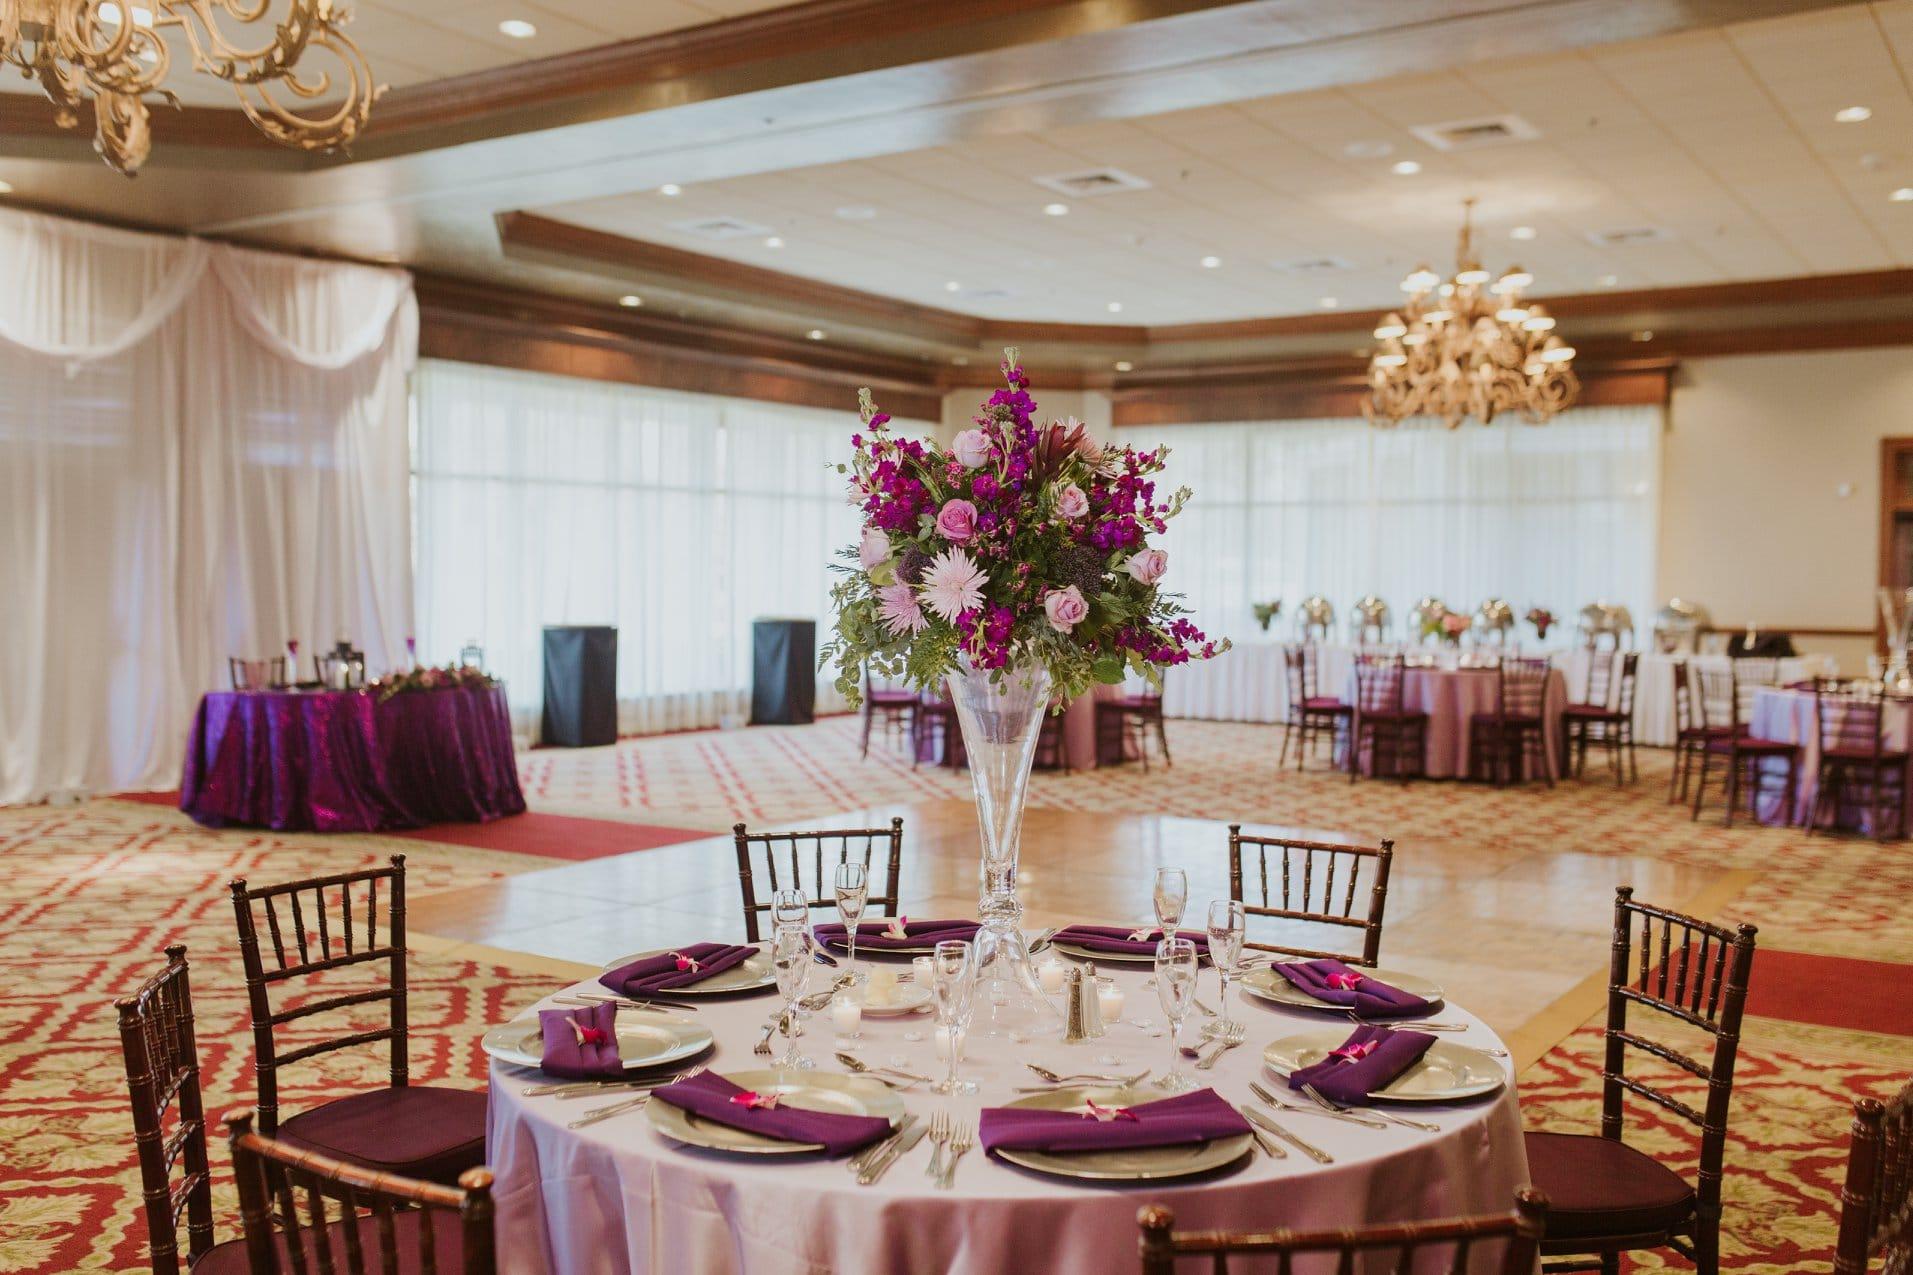 Legends Ballroom - indoor wedding reception venue at Mission Inn Resort